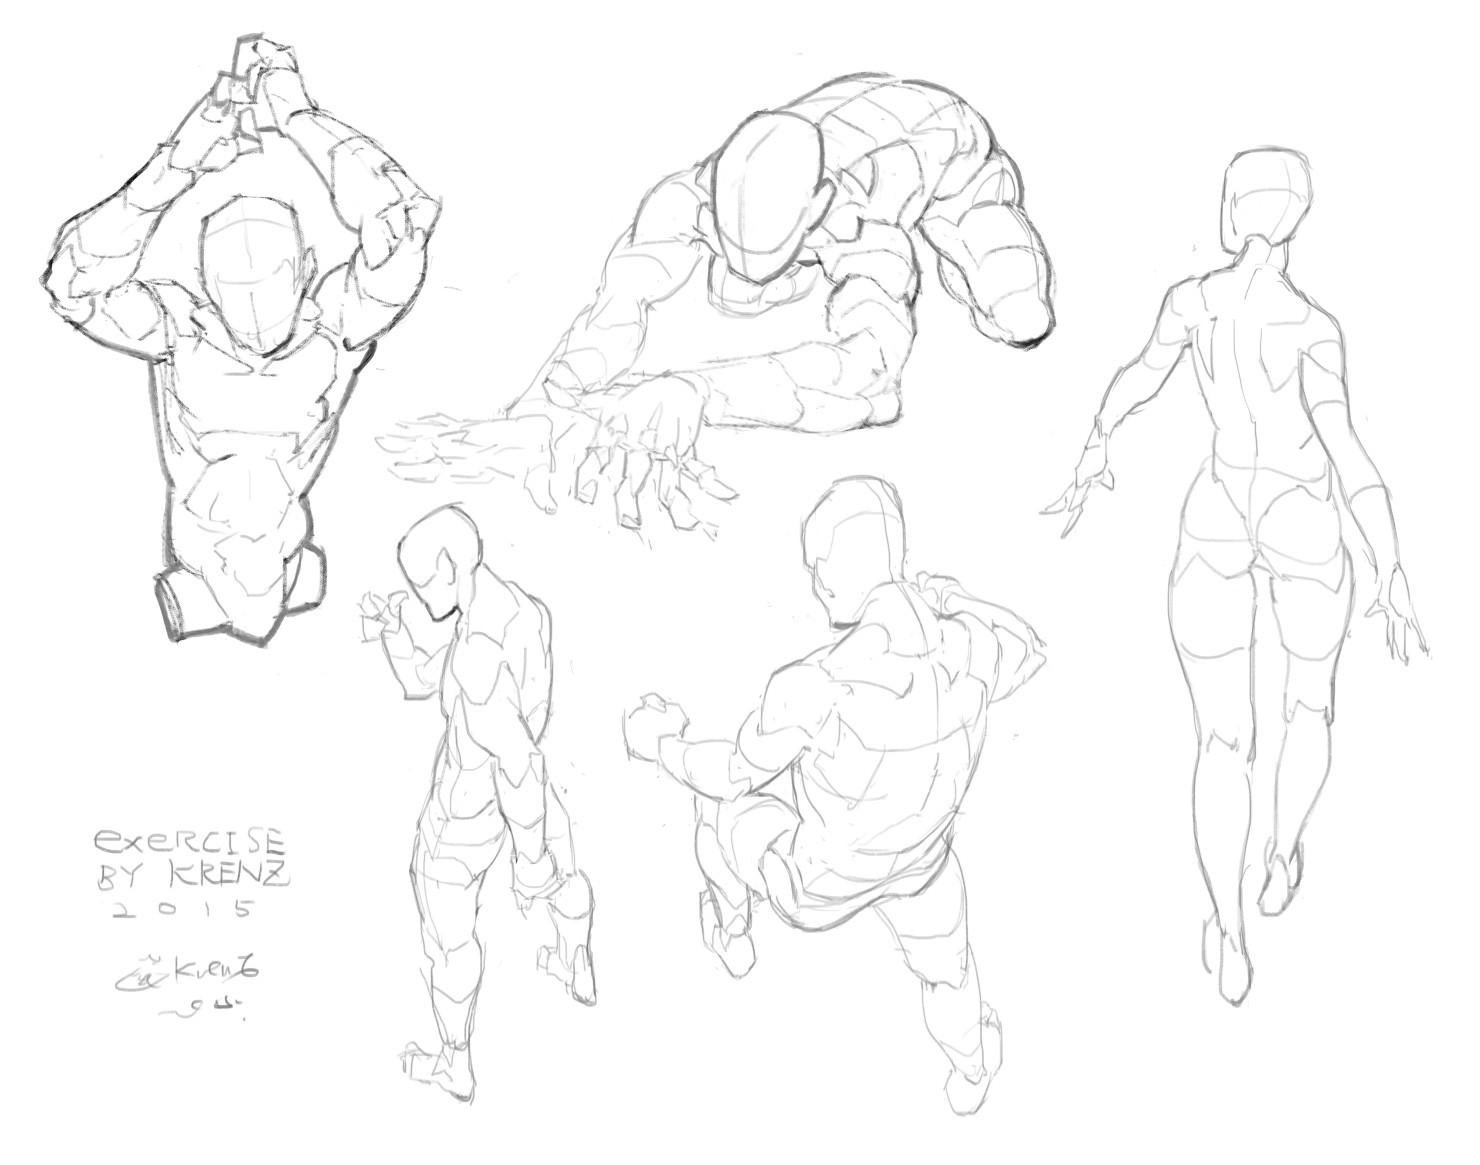 Brianworx sketchbook